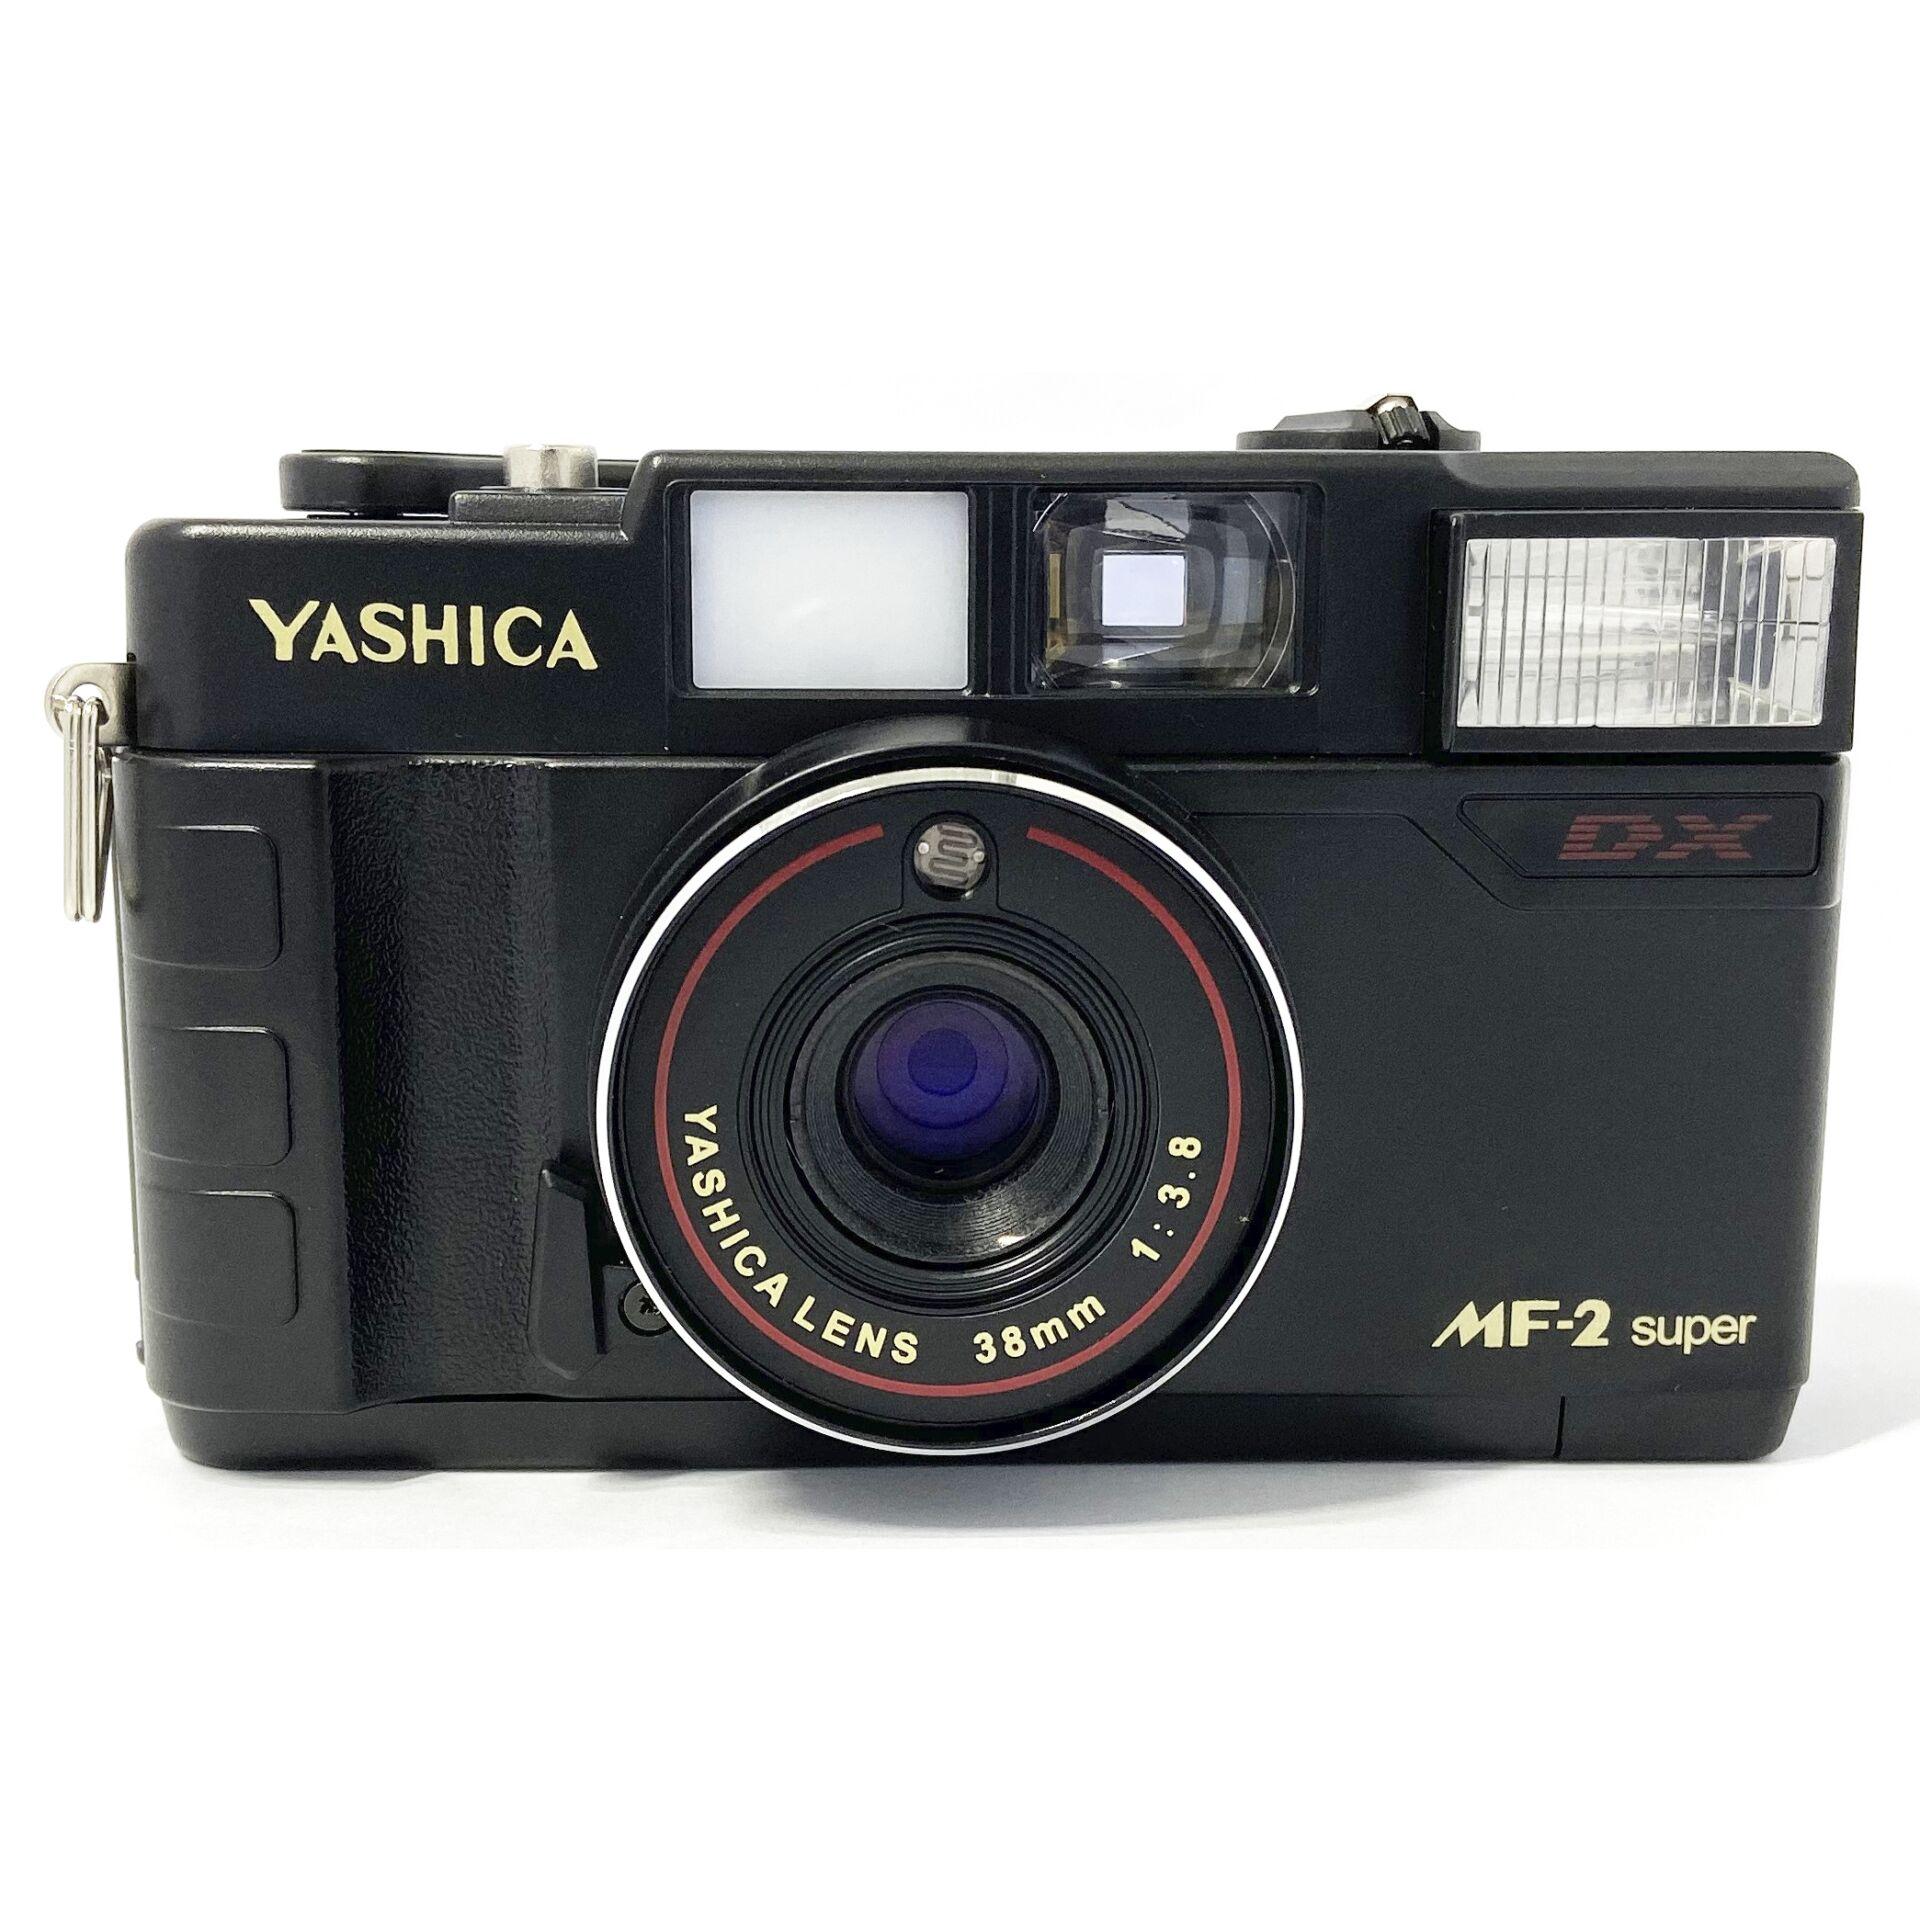 Yashica MF2 super